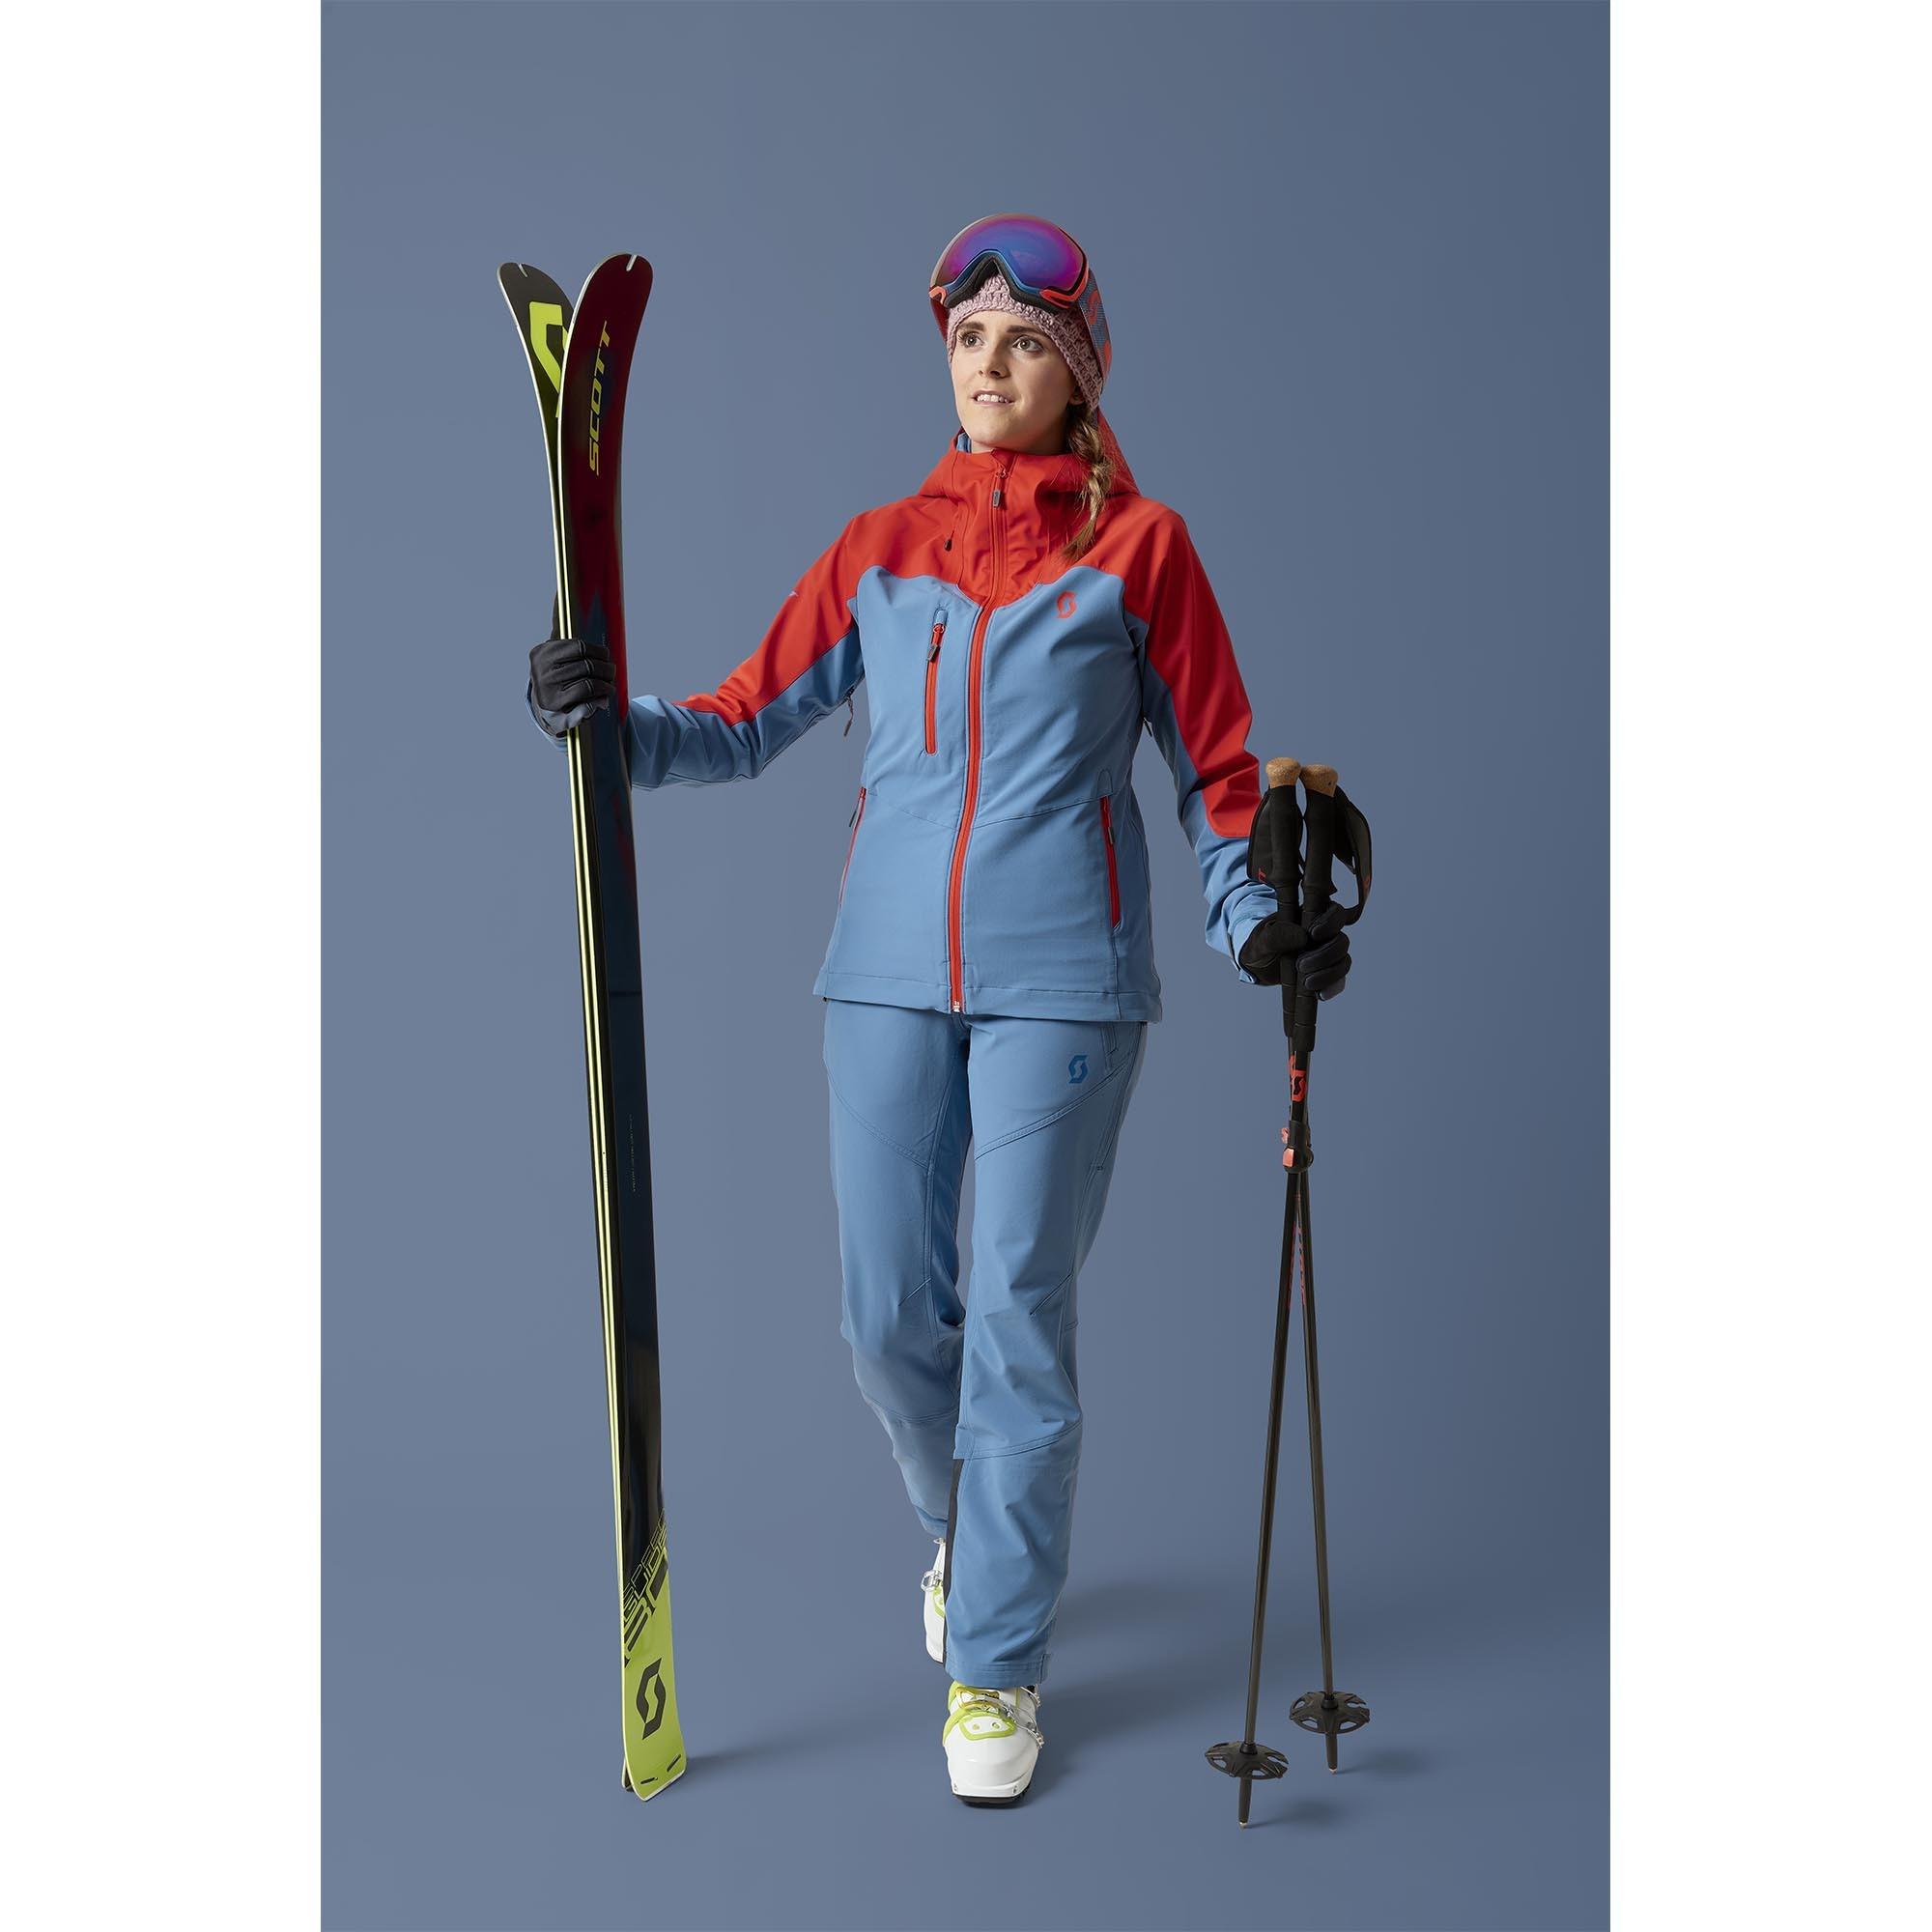 Scott Céleste chaussure ski randonnée